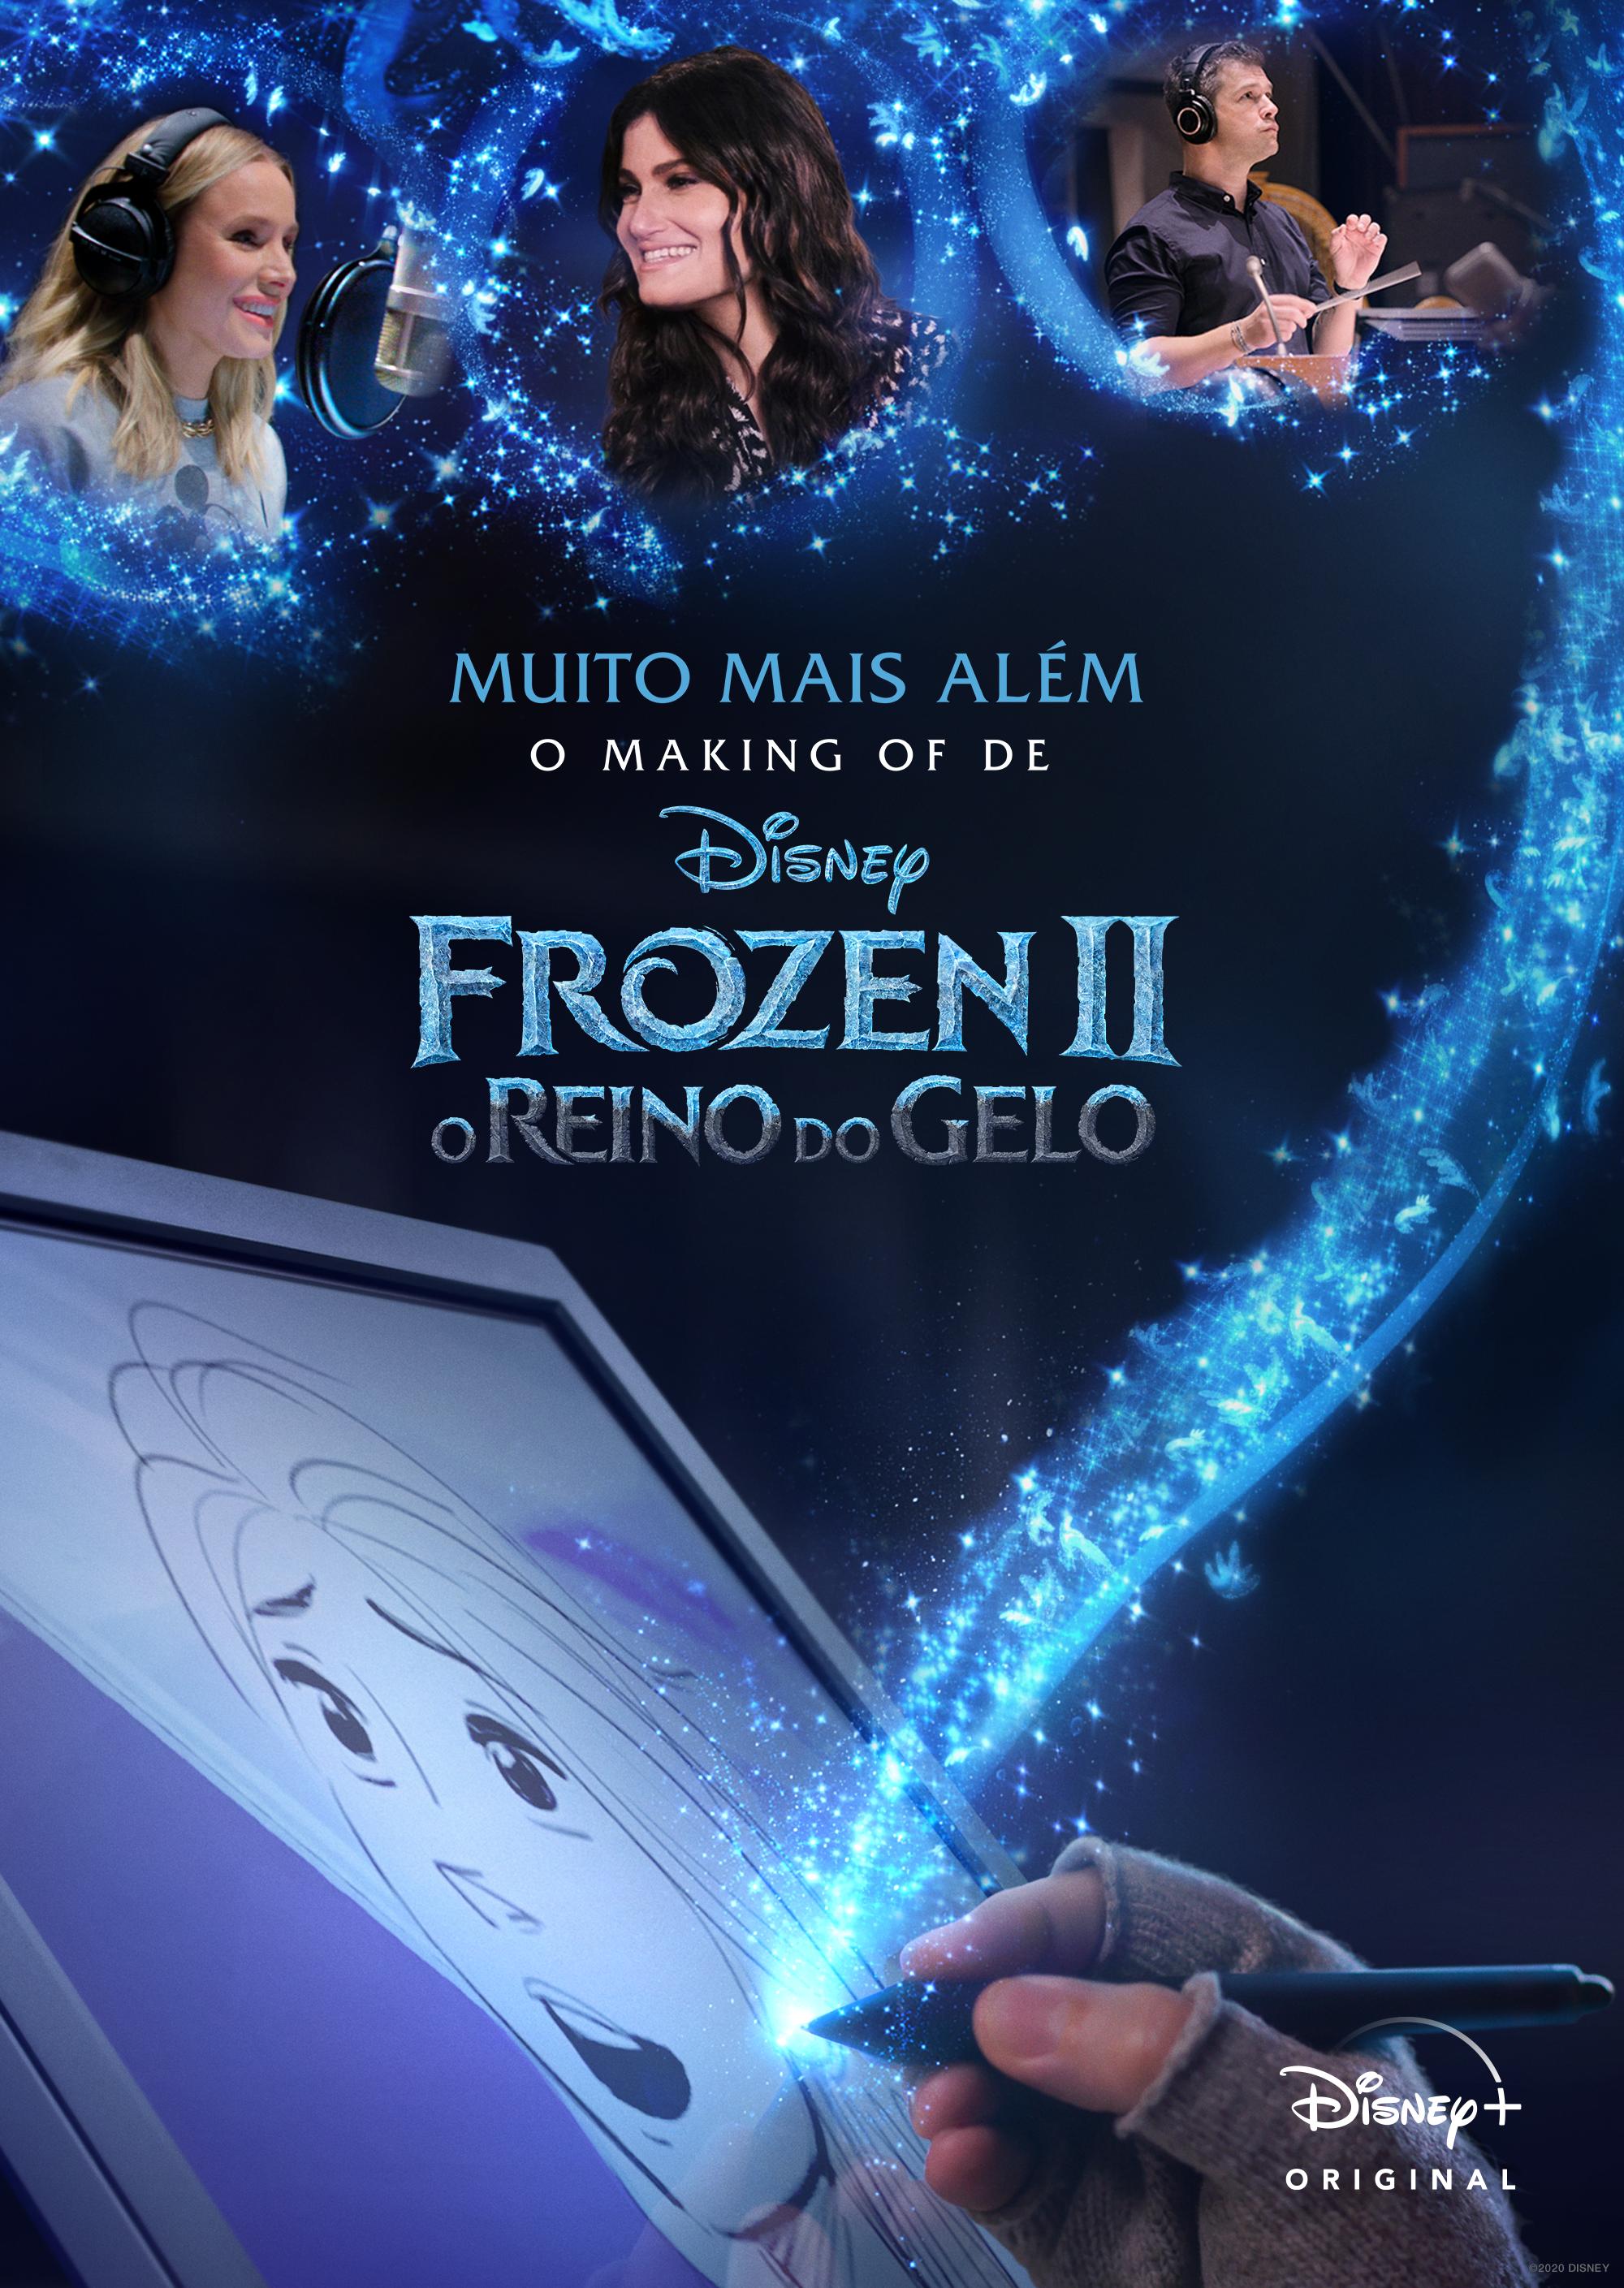 Muito Mais Além: O Making of de Frozen 2: O Reino do Gelo